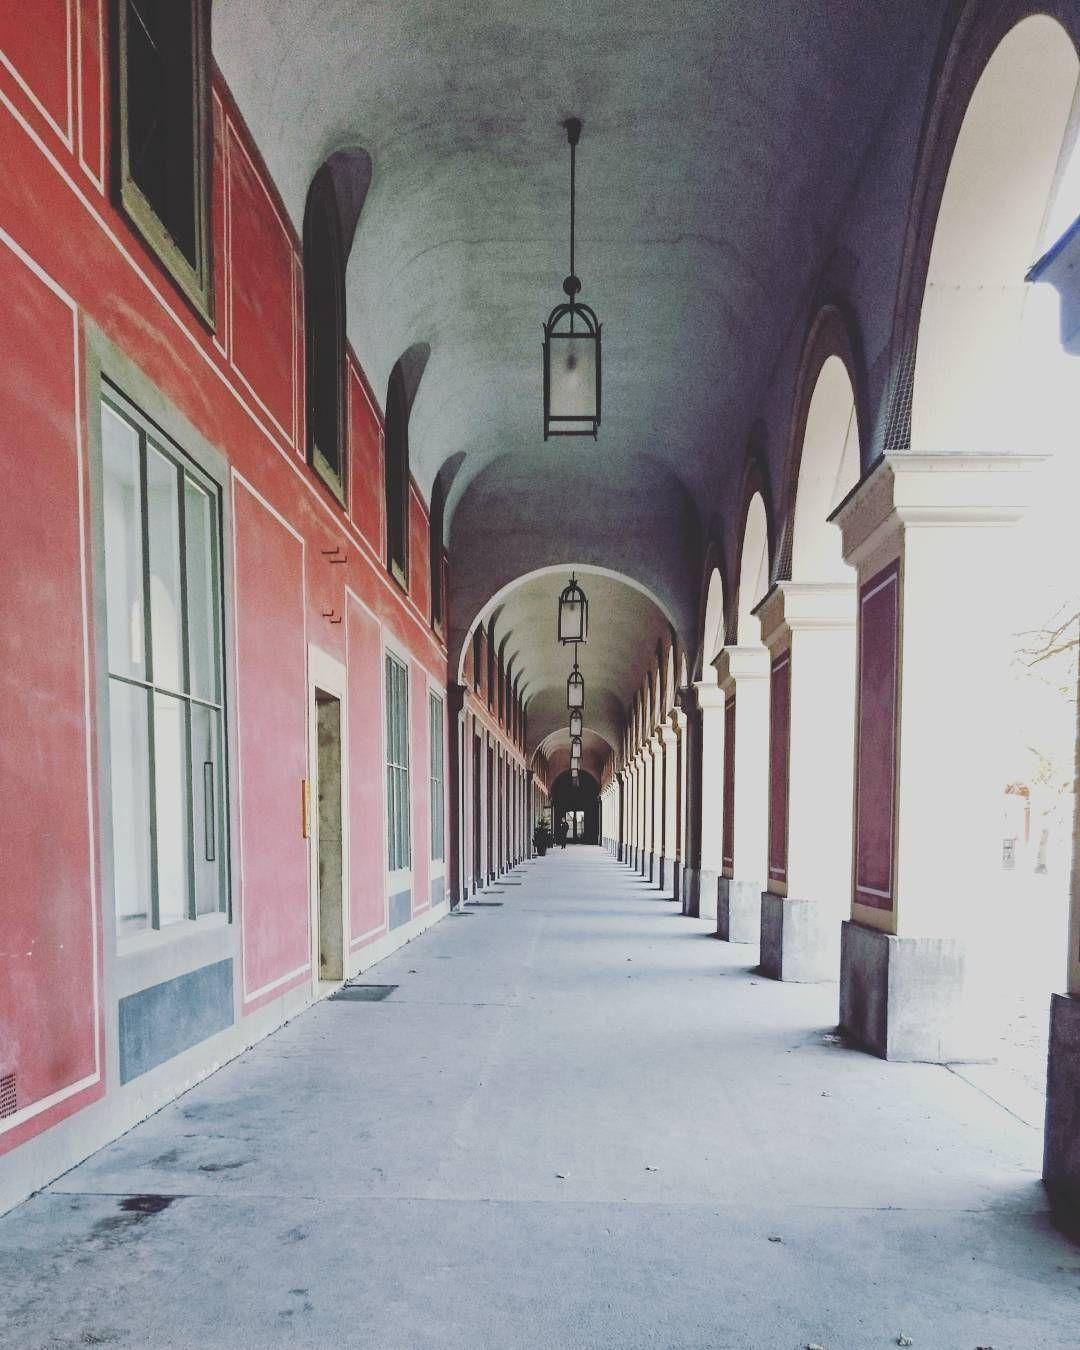 By rosenkind66: Bazar Gebäude am Odeonsplatz in München #arcade ...